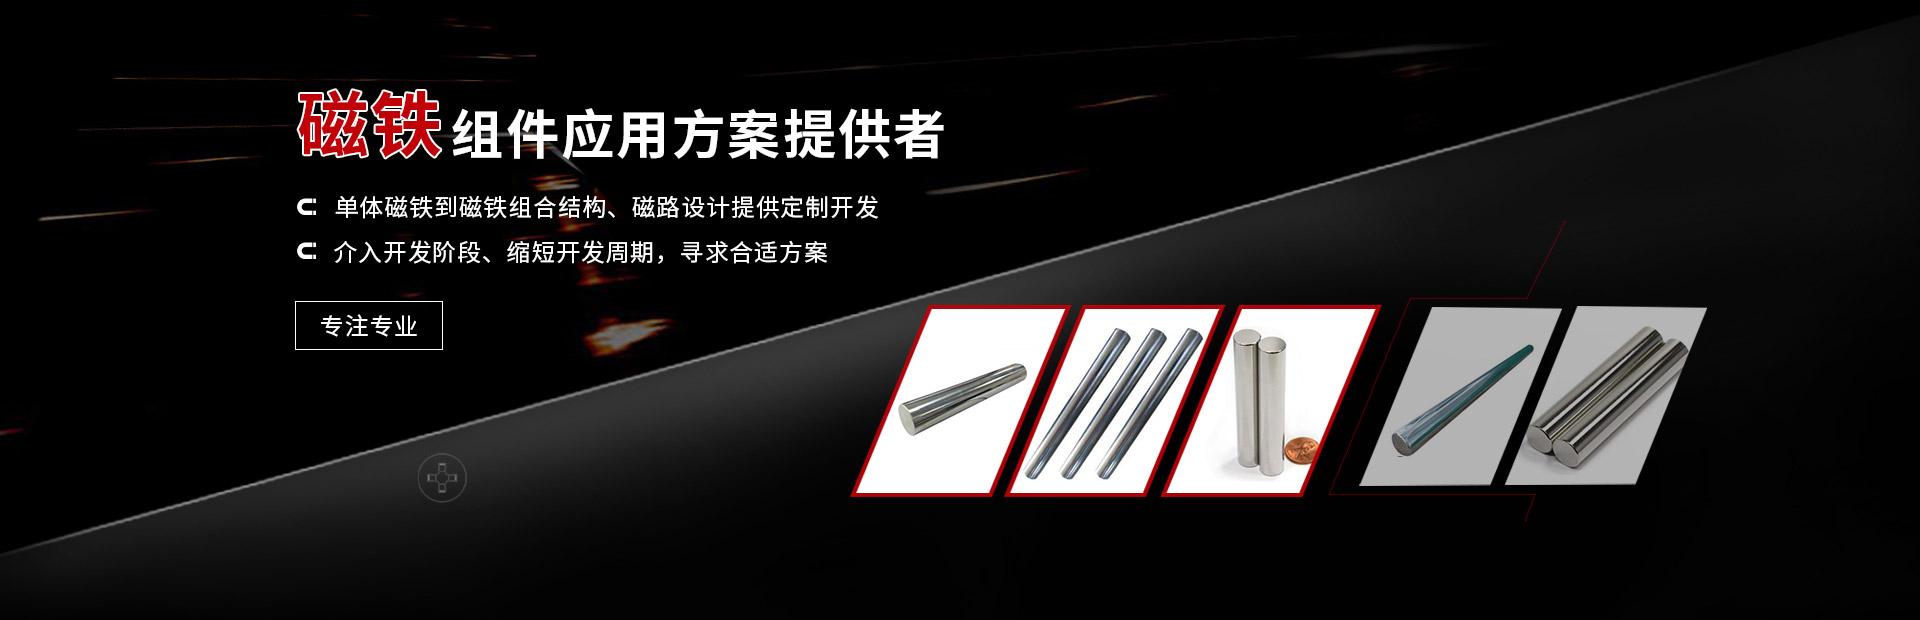 上海磁性材料供应商